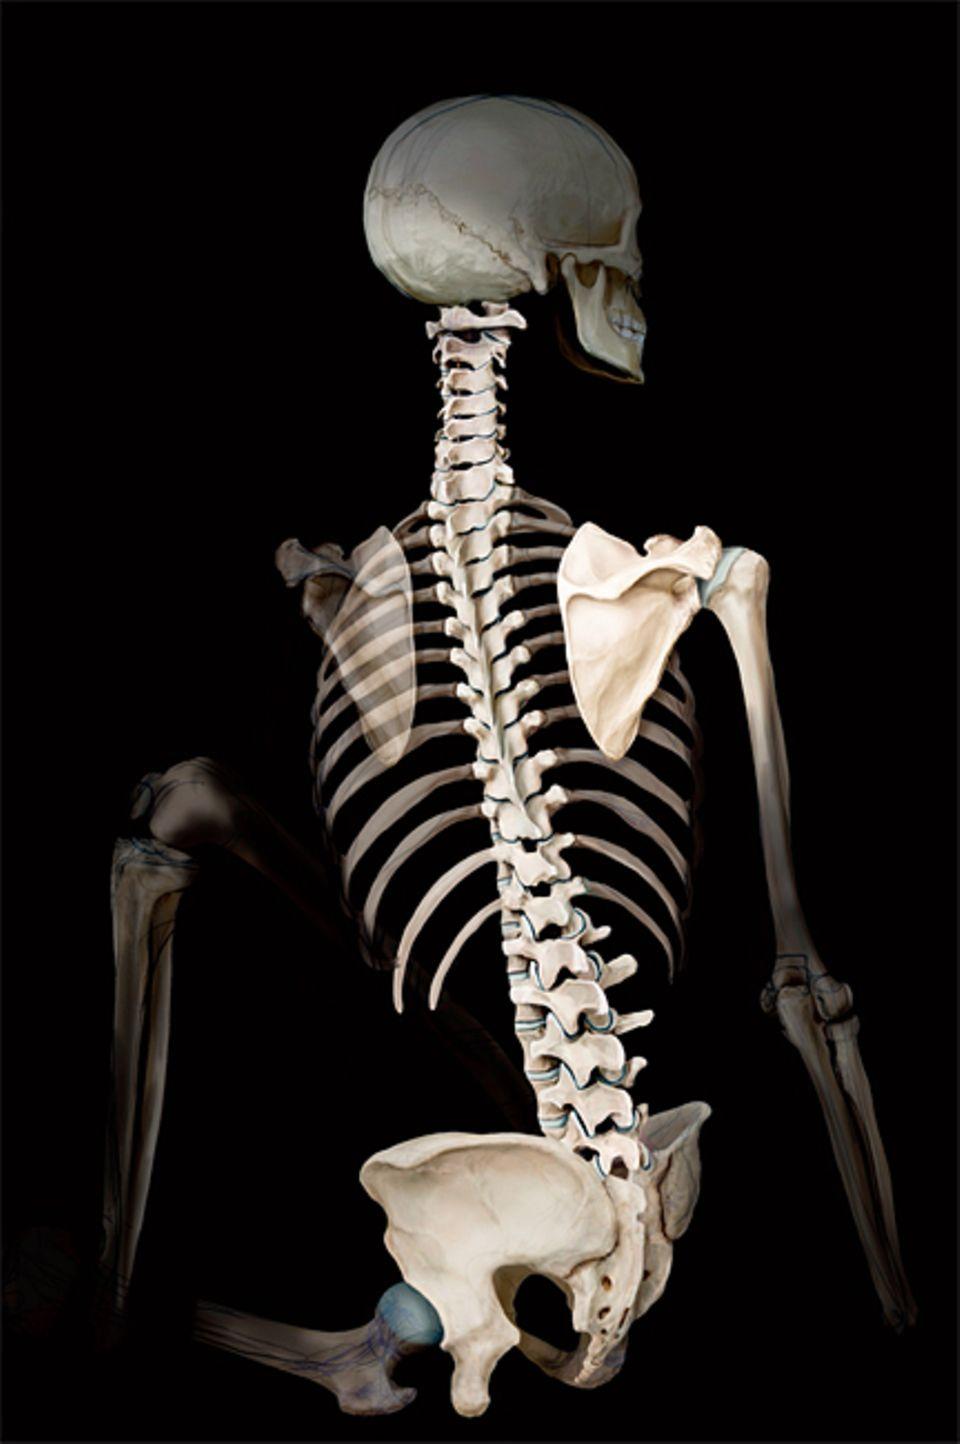 Wirbelsäule: Als tragende Zentralachse des Körpers verbindet die Wirbelsäule große Teile des Skeletts miteinander: Sie gibt nicht nur dem Kopf, sondern auch den Rippen und dem Becken Halt